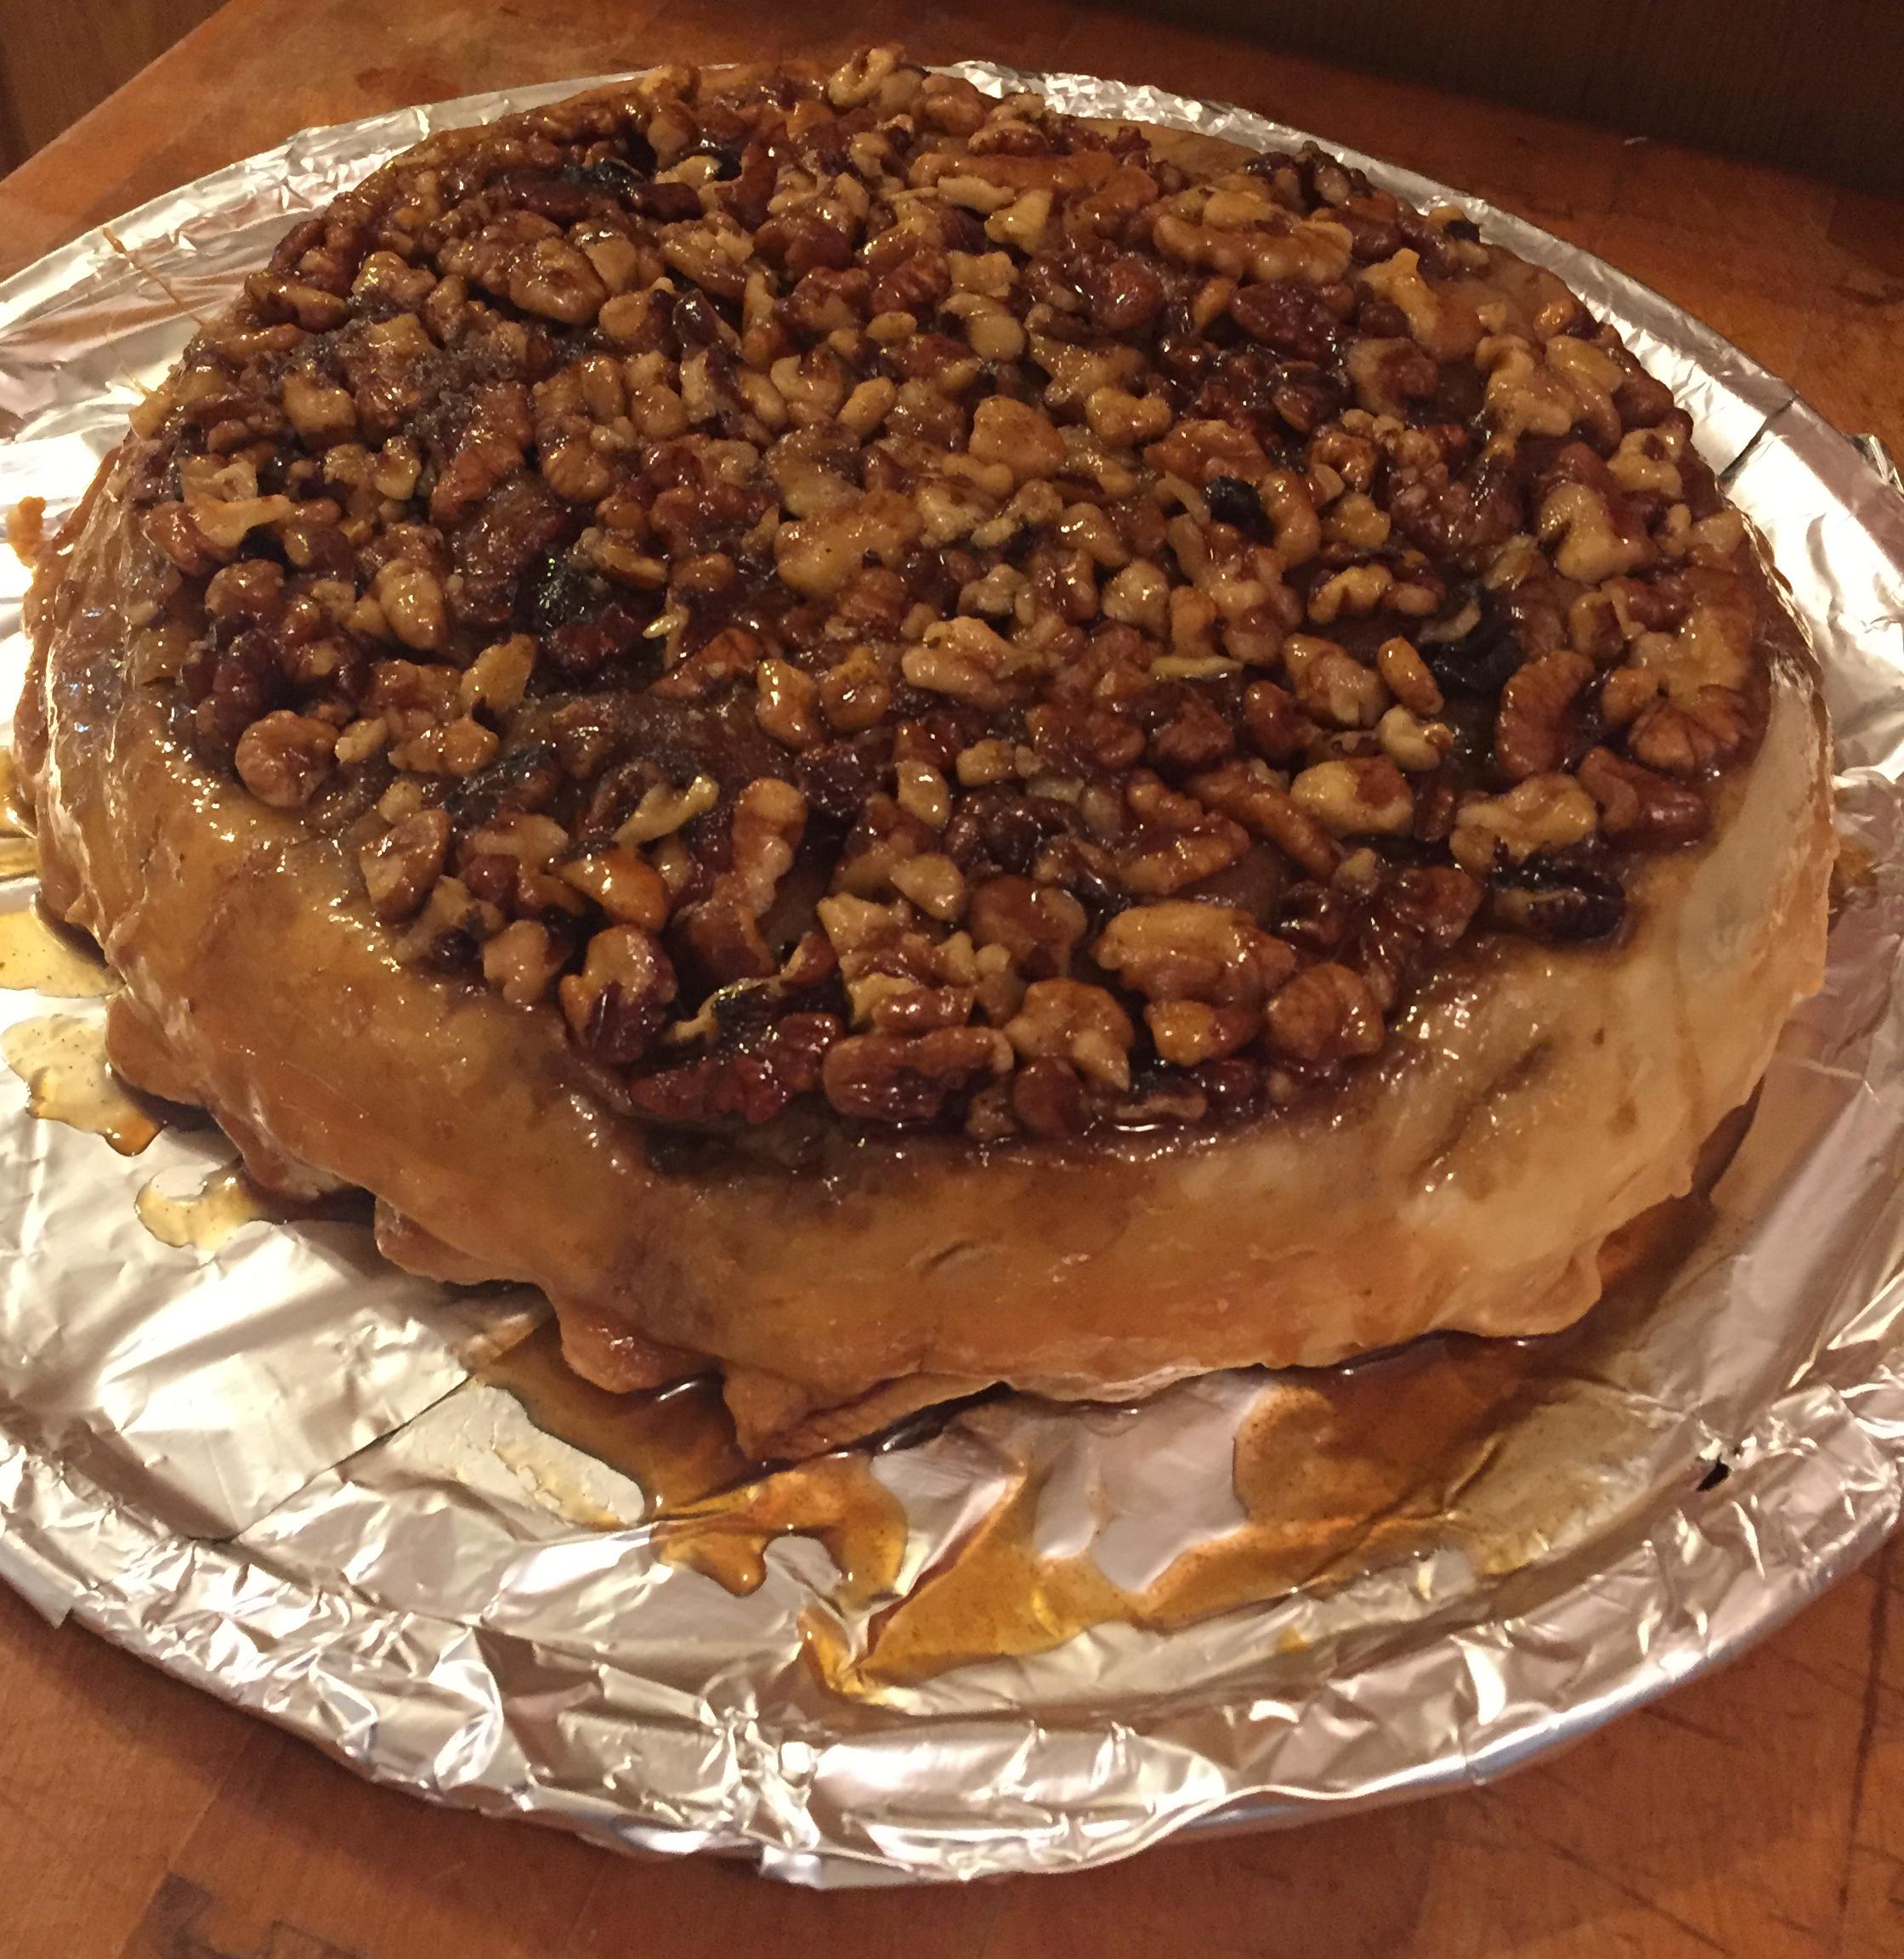 Upside Down Caramel Apple Pie